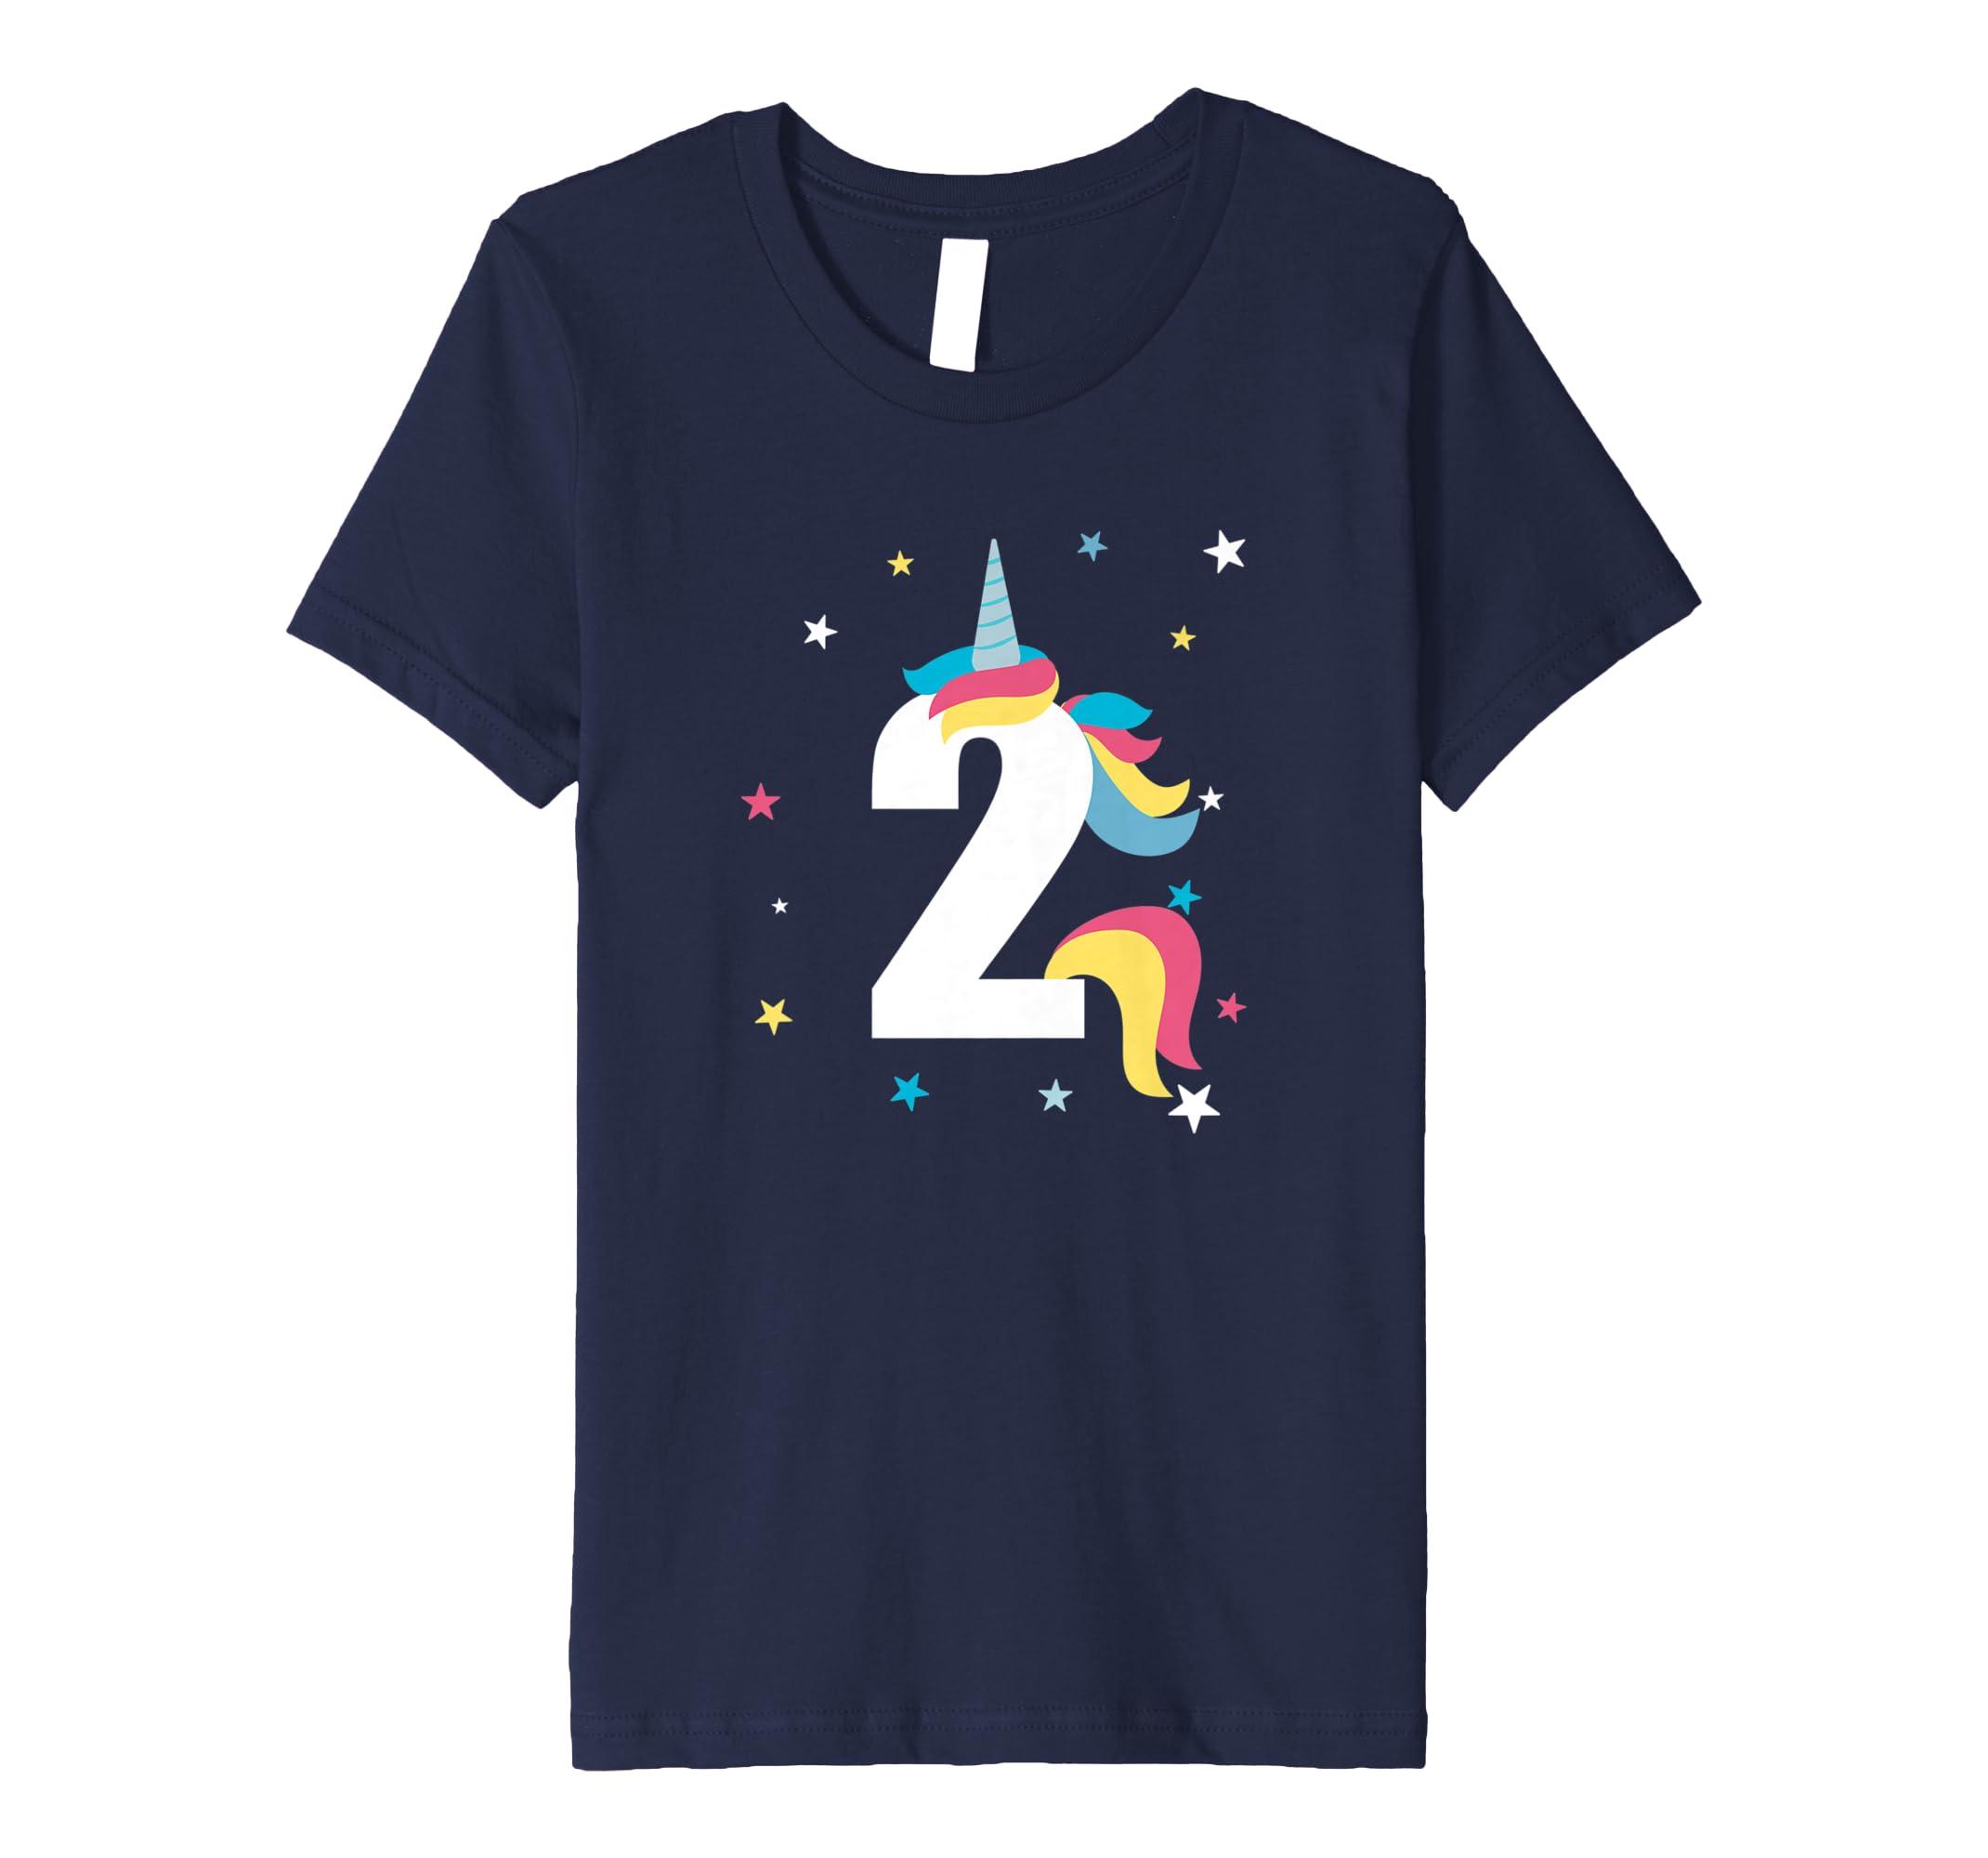 2nd Birthday T Shirt Unicorn 2 Years Old Gift Amazoncouk Clothing